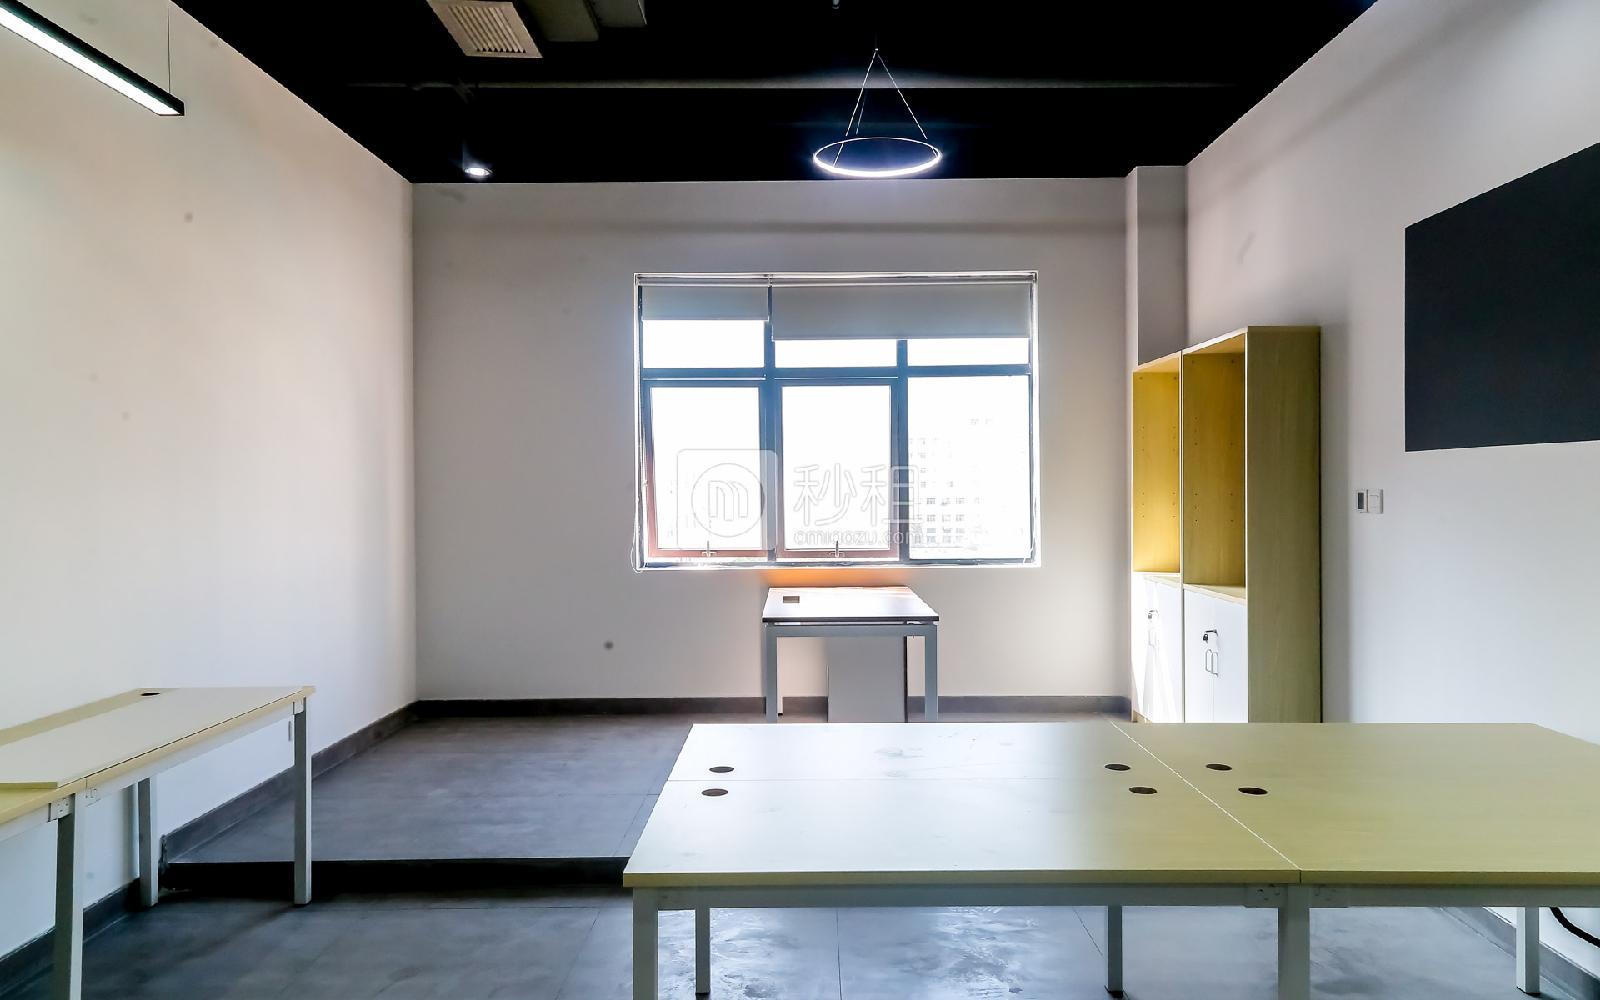 硅谷大院写字楼出租21平米精装办公室2980元/间.月